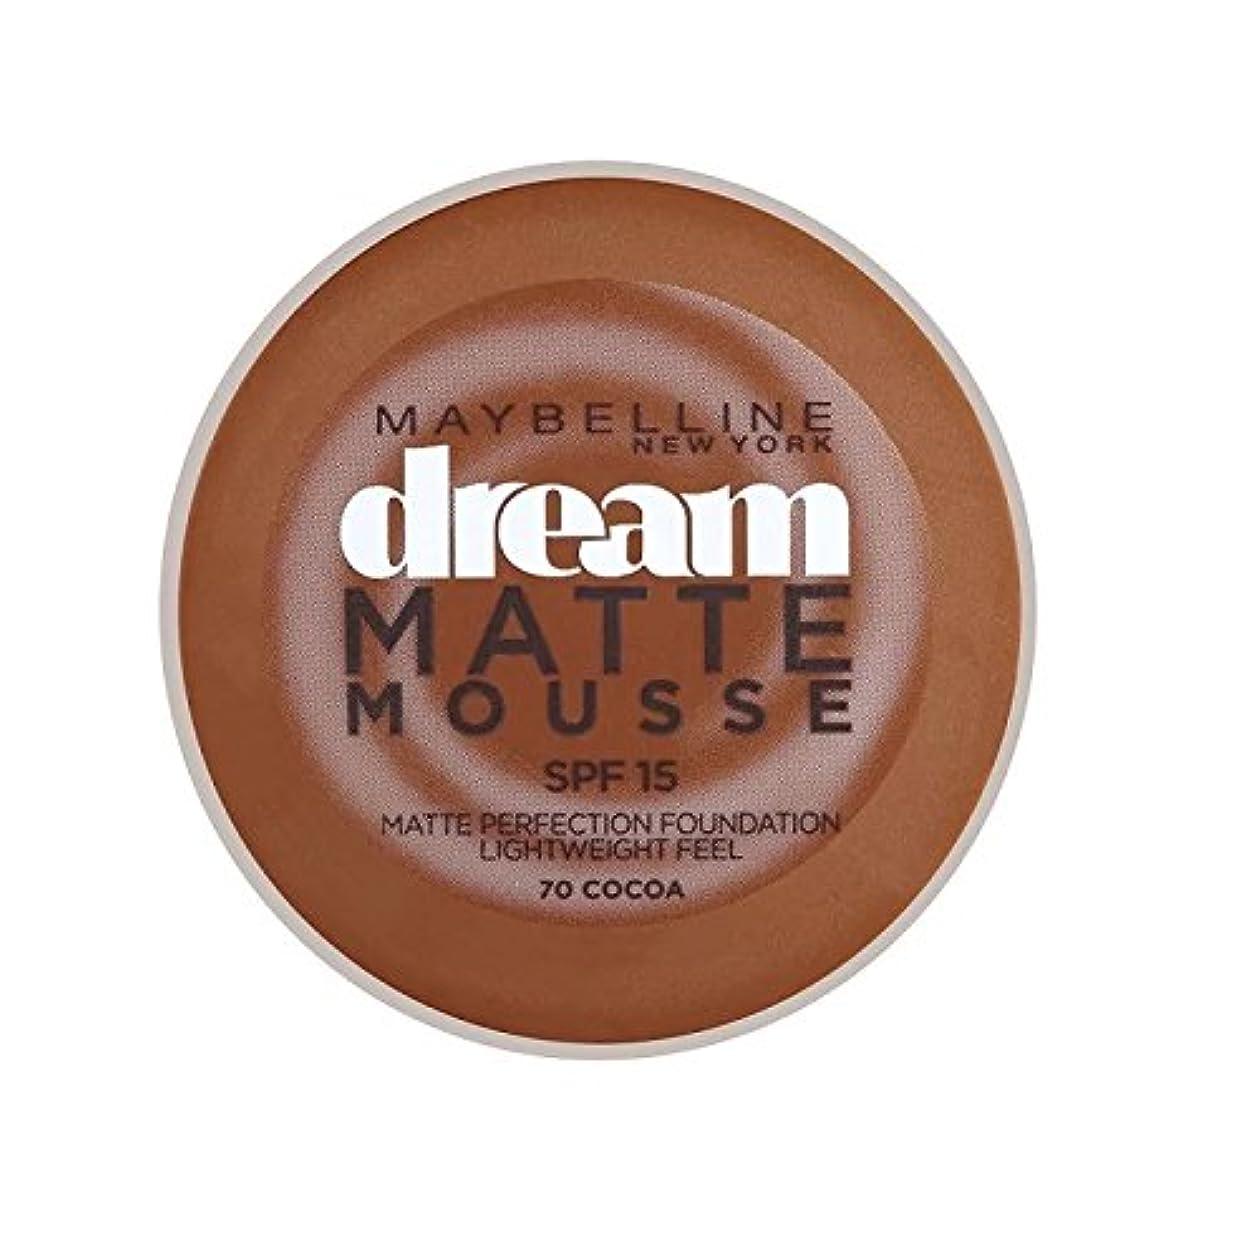 悲しいことにこねるピケMaybelline Dream Matte Mousse Foundation 70 Cocoa 10ml - メイベリン夢のマットムース基盤70ココア10ミリリットル [並行輸入品]